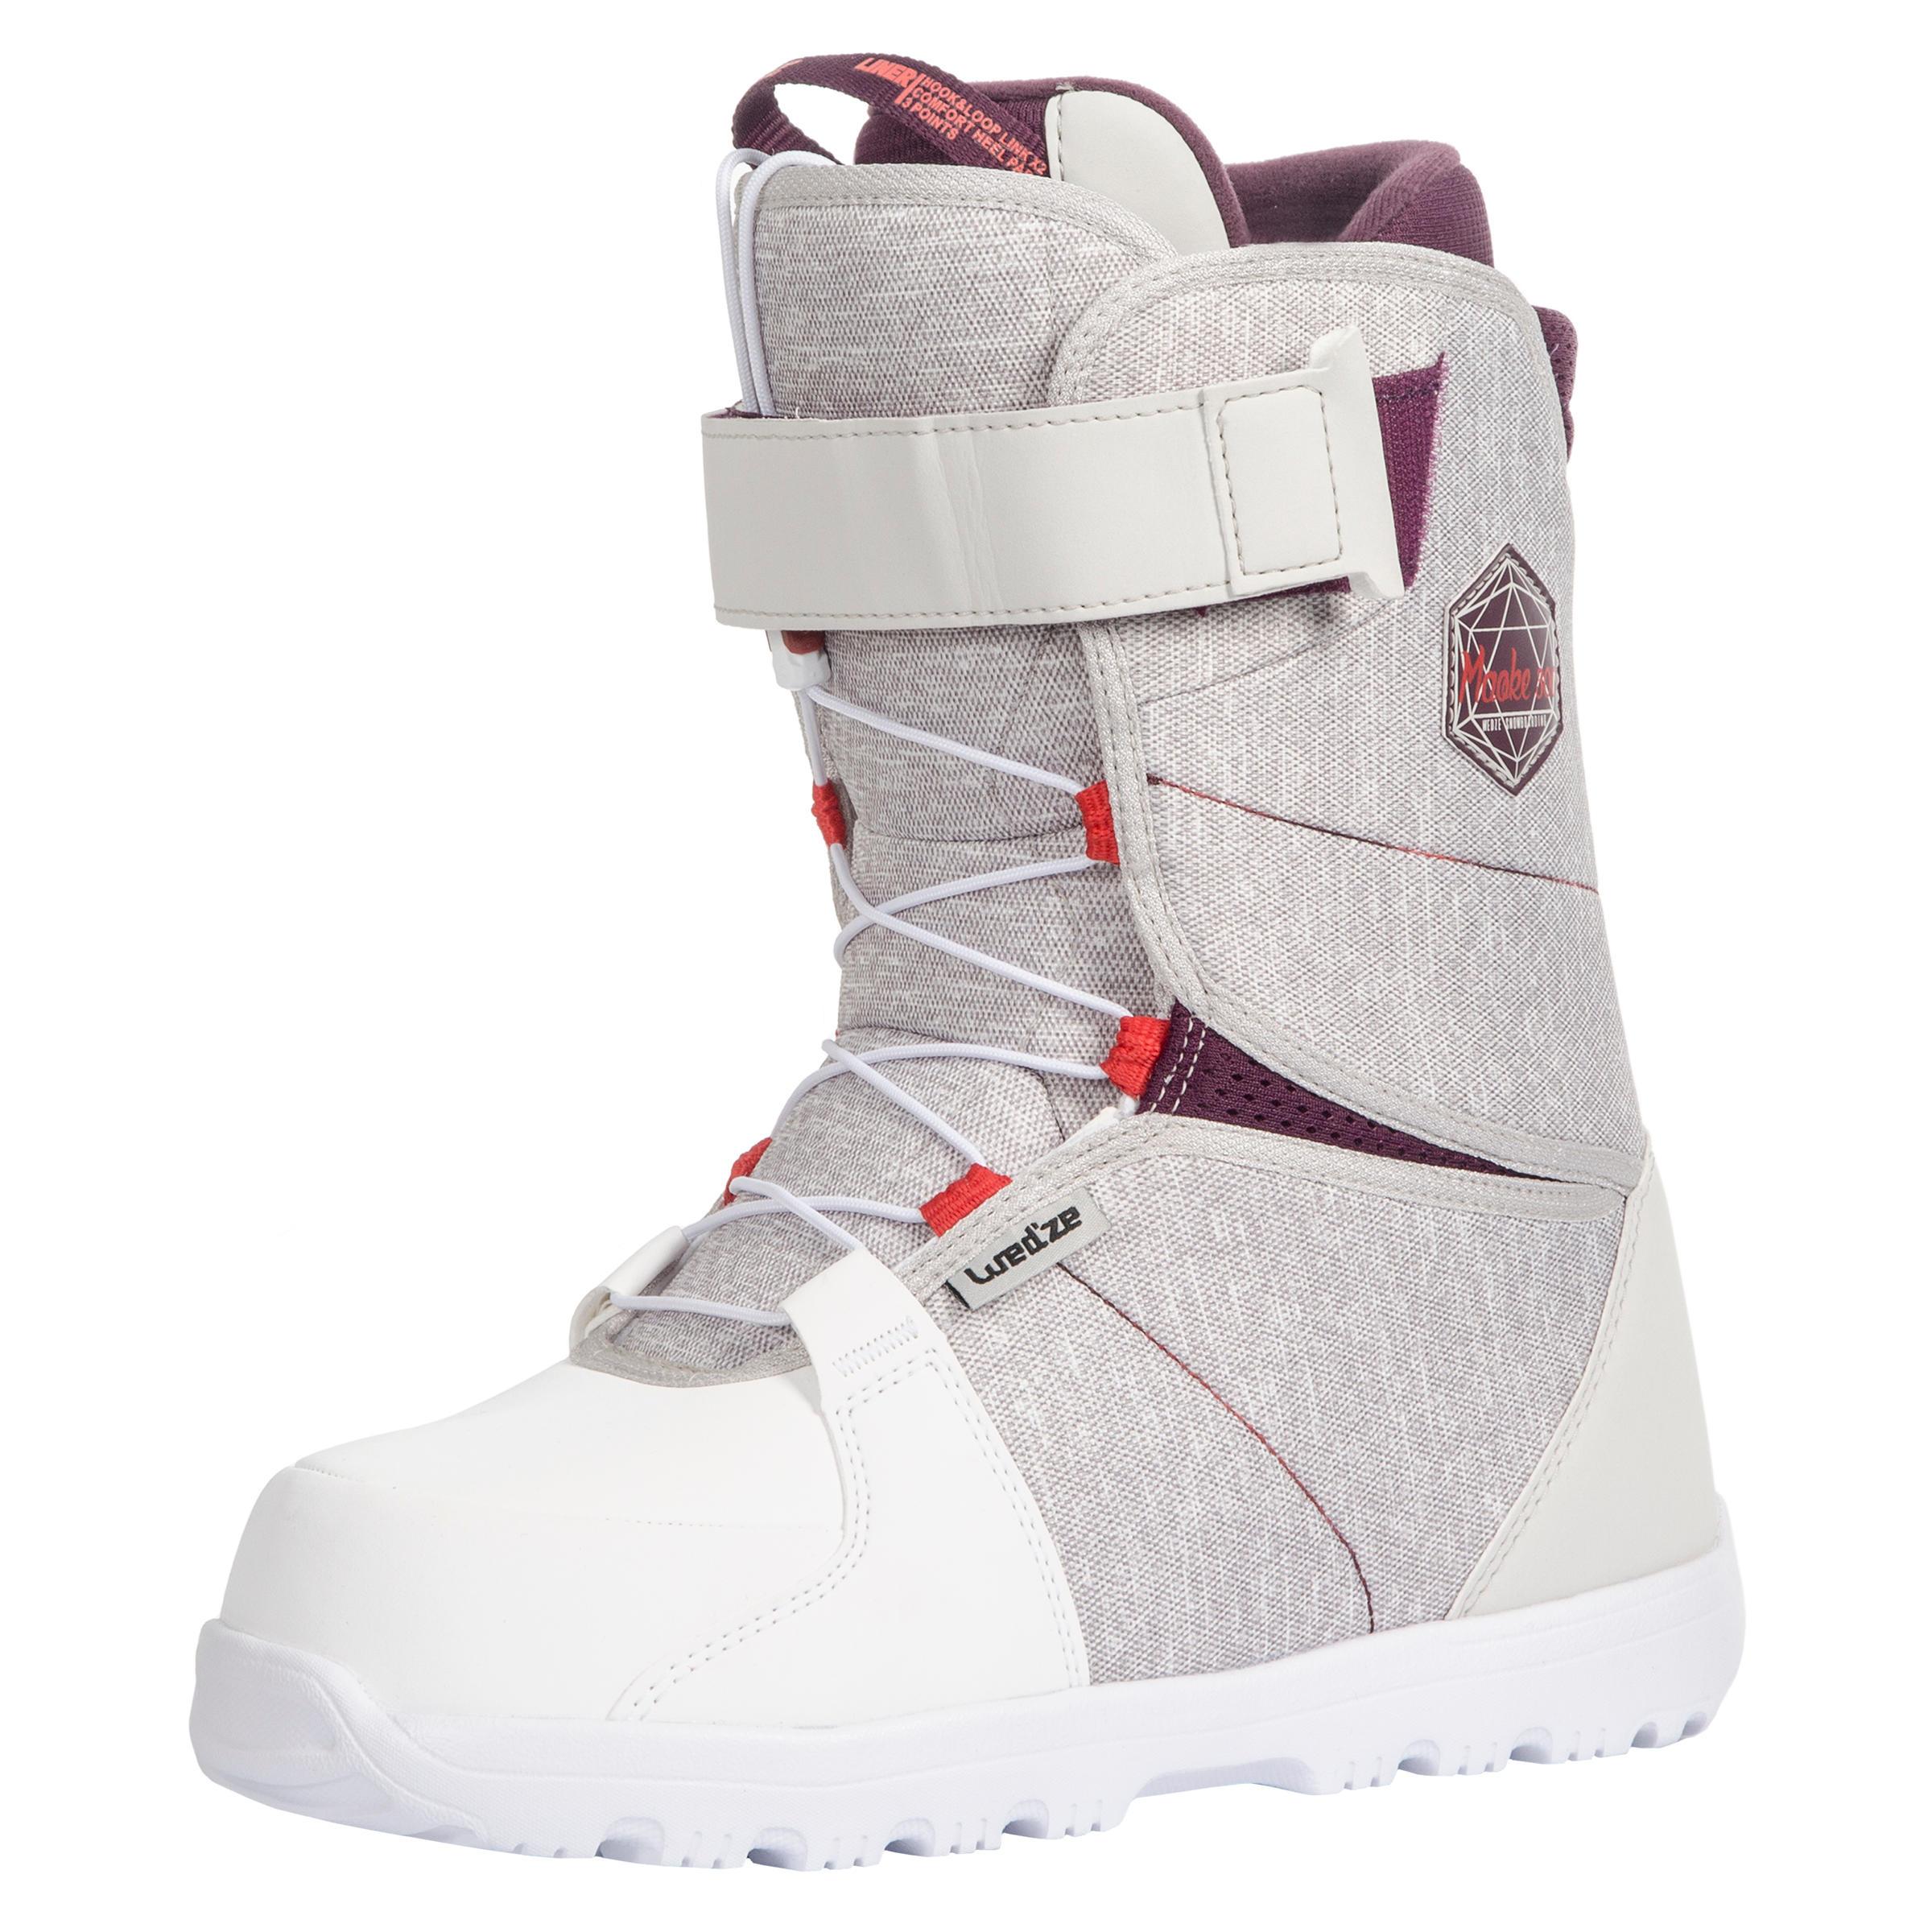 Damen Snowboardschuhe Fast Lock 2Z Maoke 300 All Mountain Damen weiß | 03608449879828